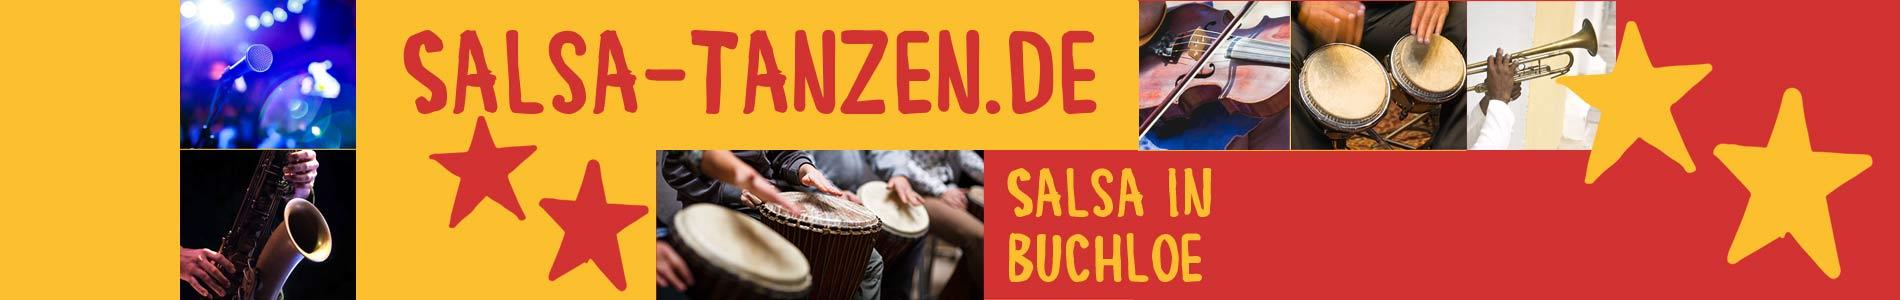 Salsa in Buch – Salsa lernen und tanzen, Tanzkurse, Partys, Veranstaltungen